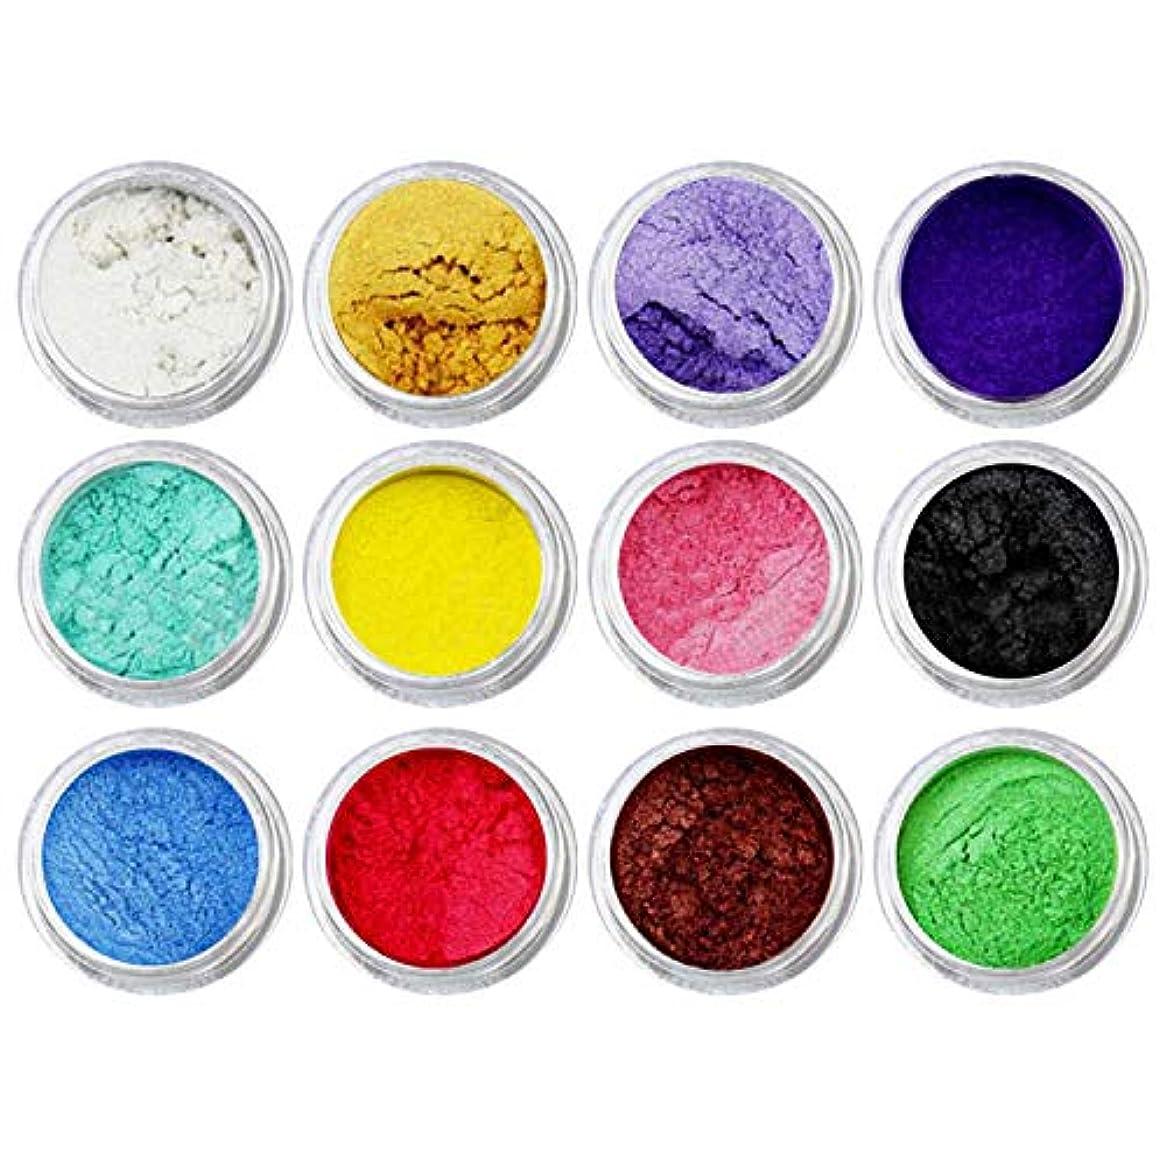 カナダ広大な愛DIYネイルアートクラフトプロジェクトスライム作り用品のための12個混合色着色顔料マイカパールパウダー